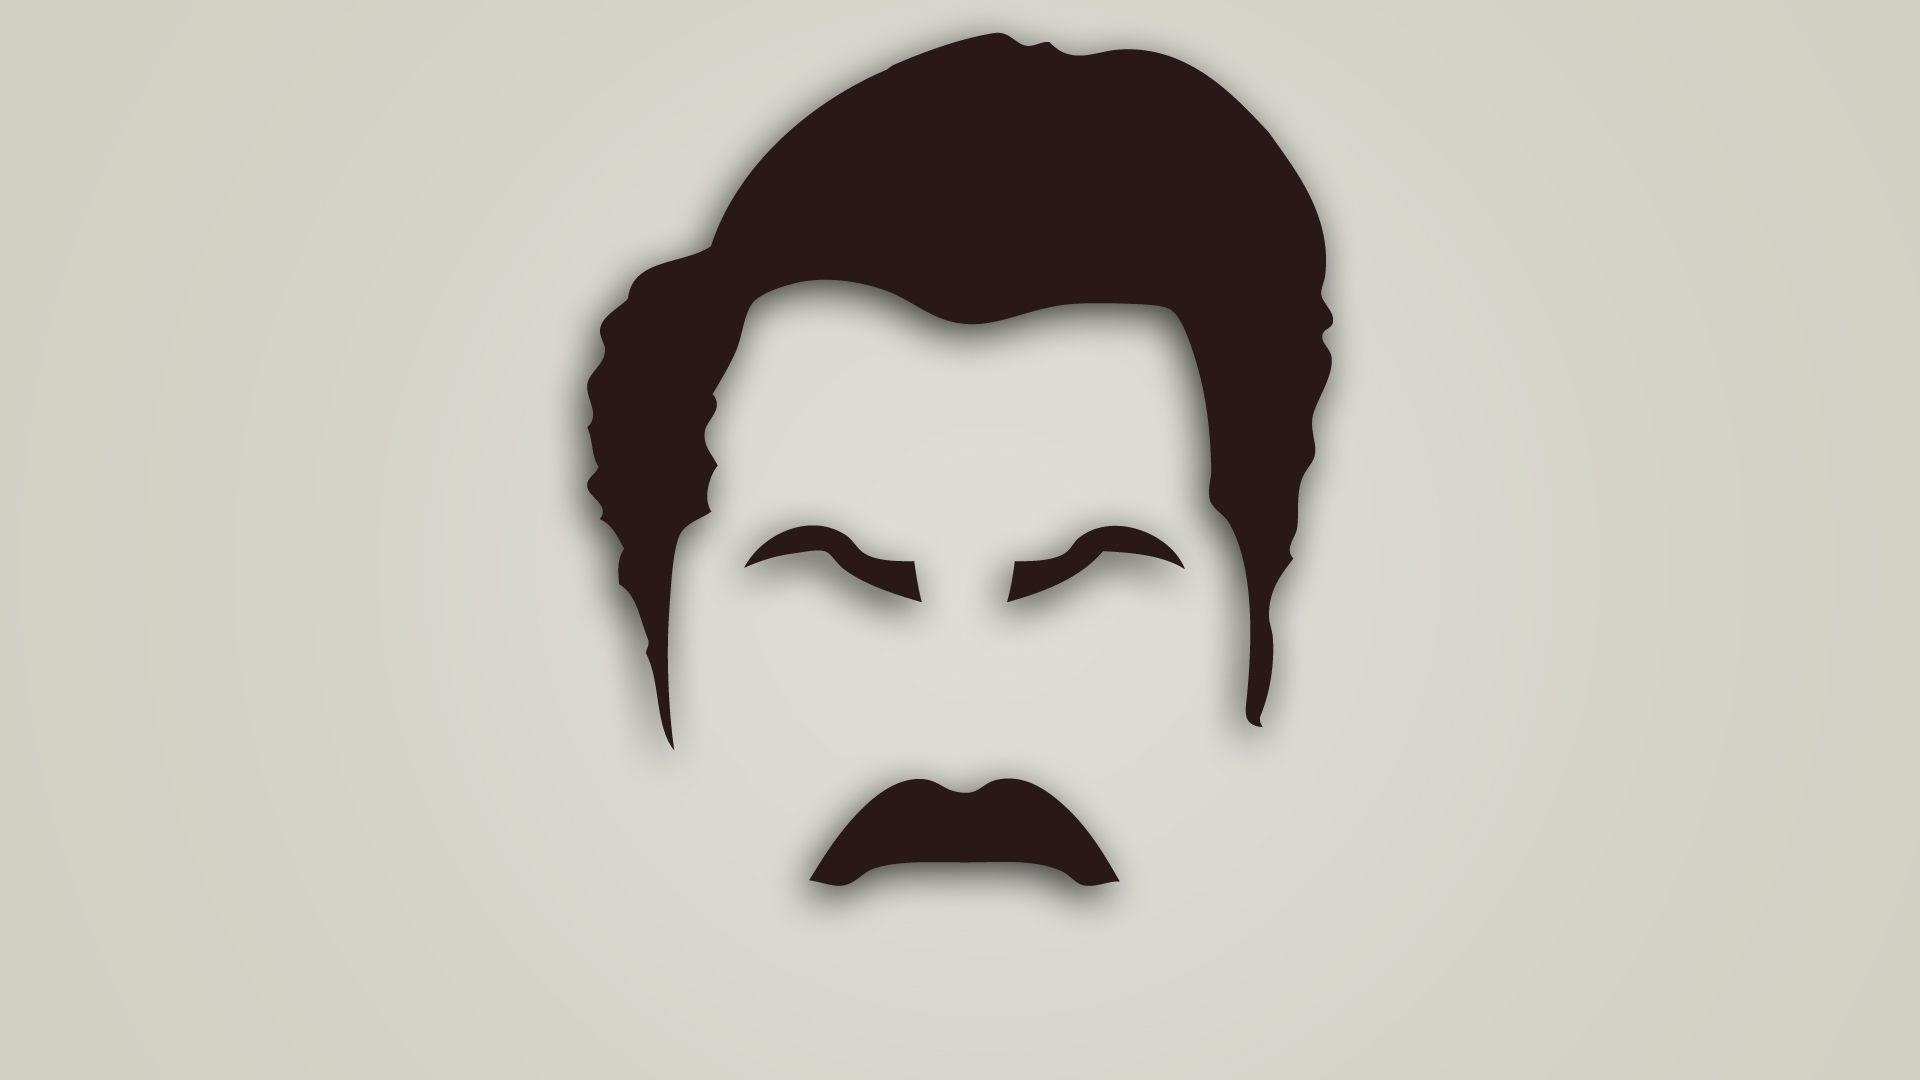 Fall In Love Wallpaper Free Download Mustache Wallpapers Hd Pixelstalk Net